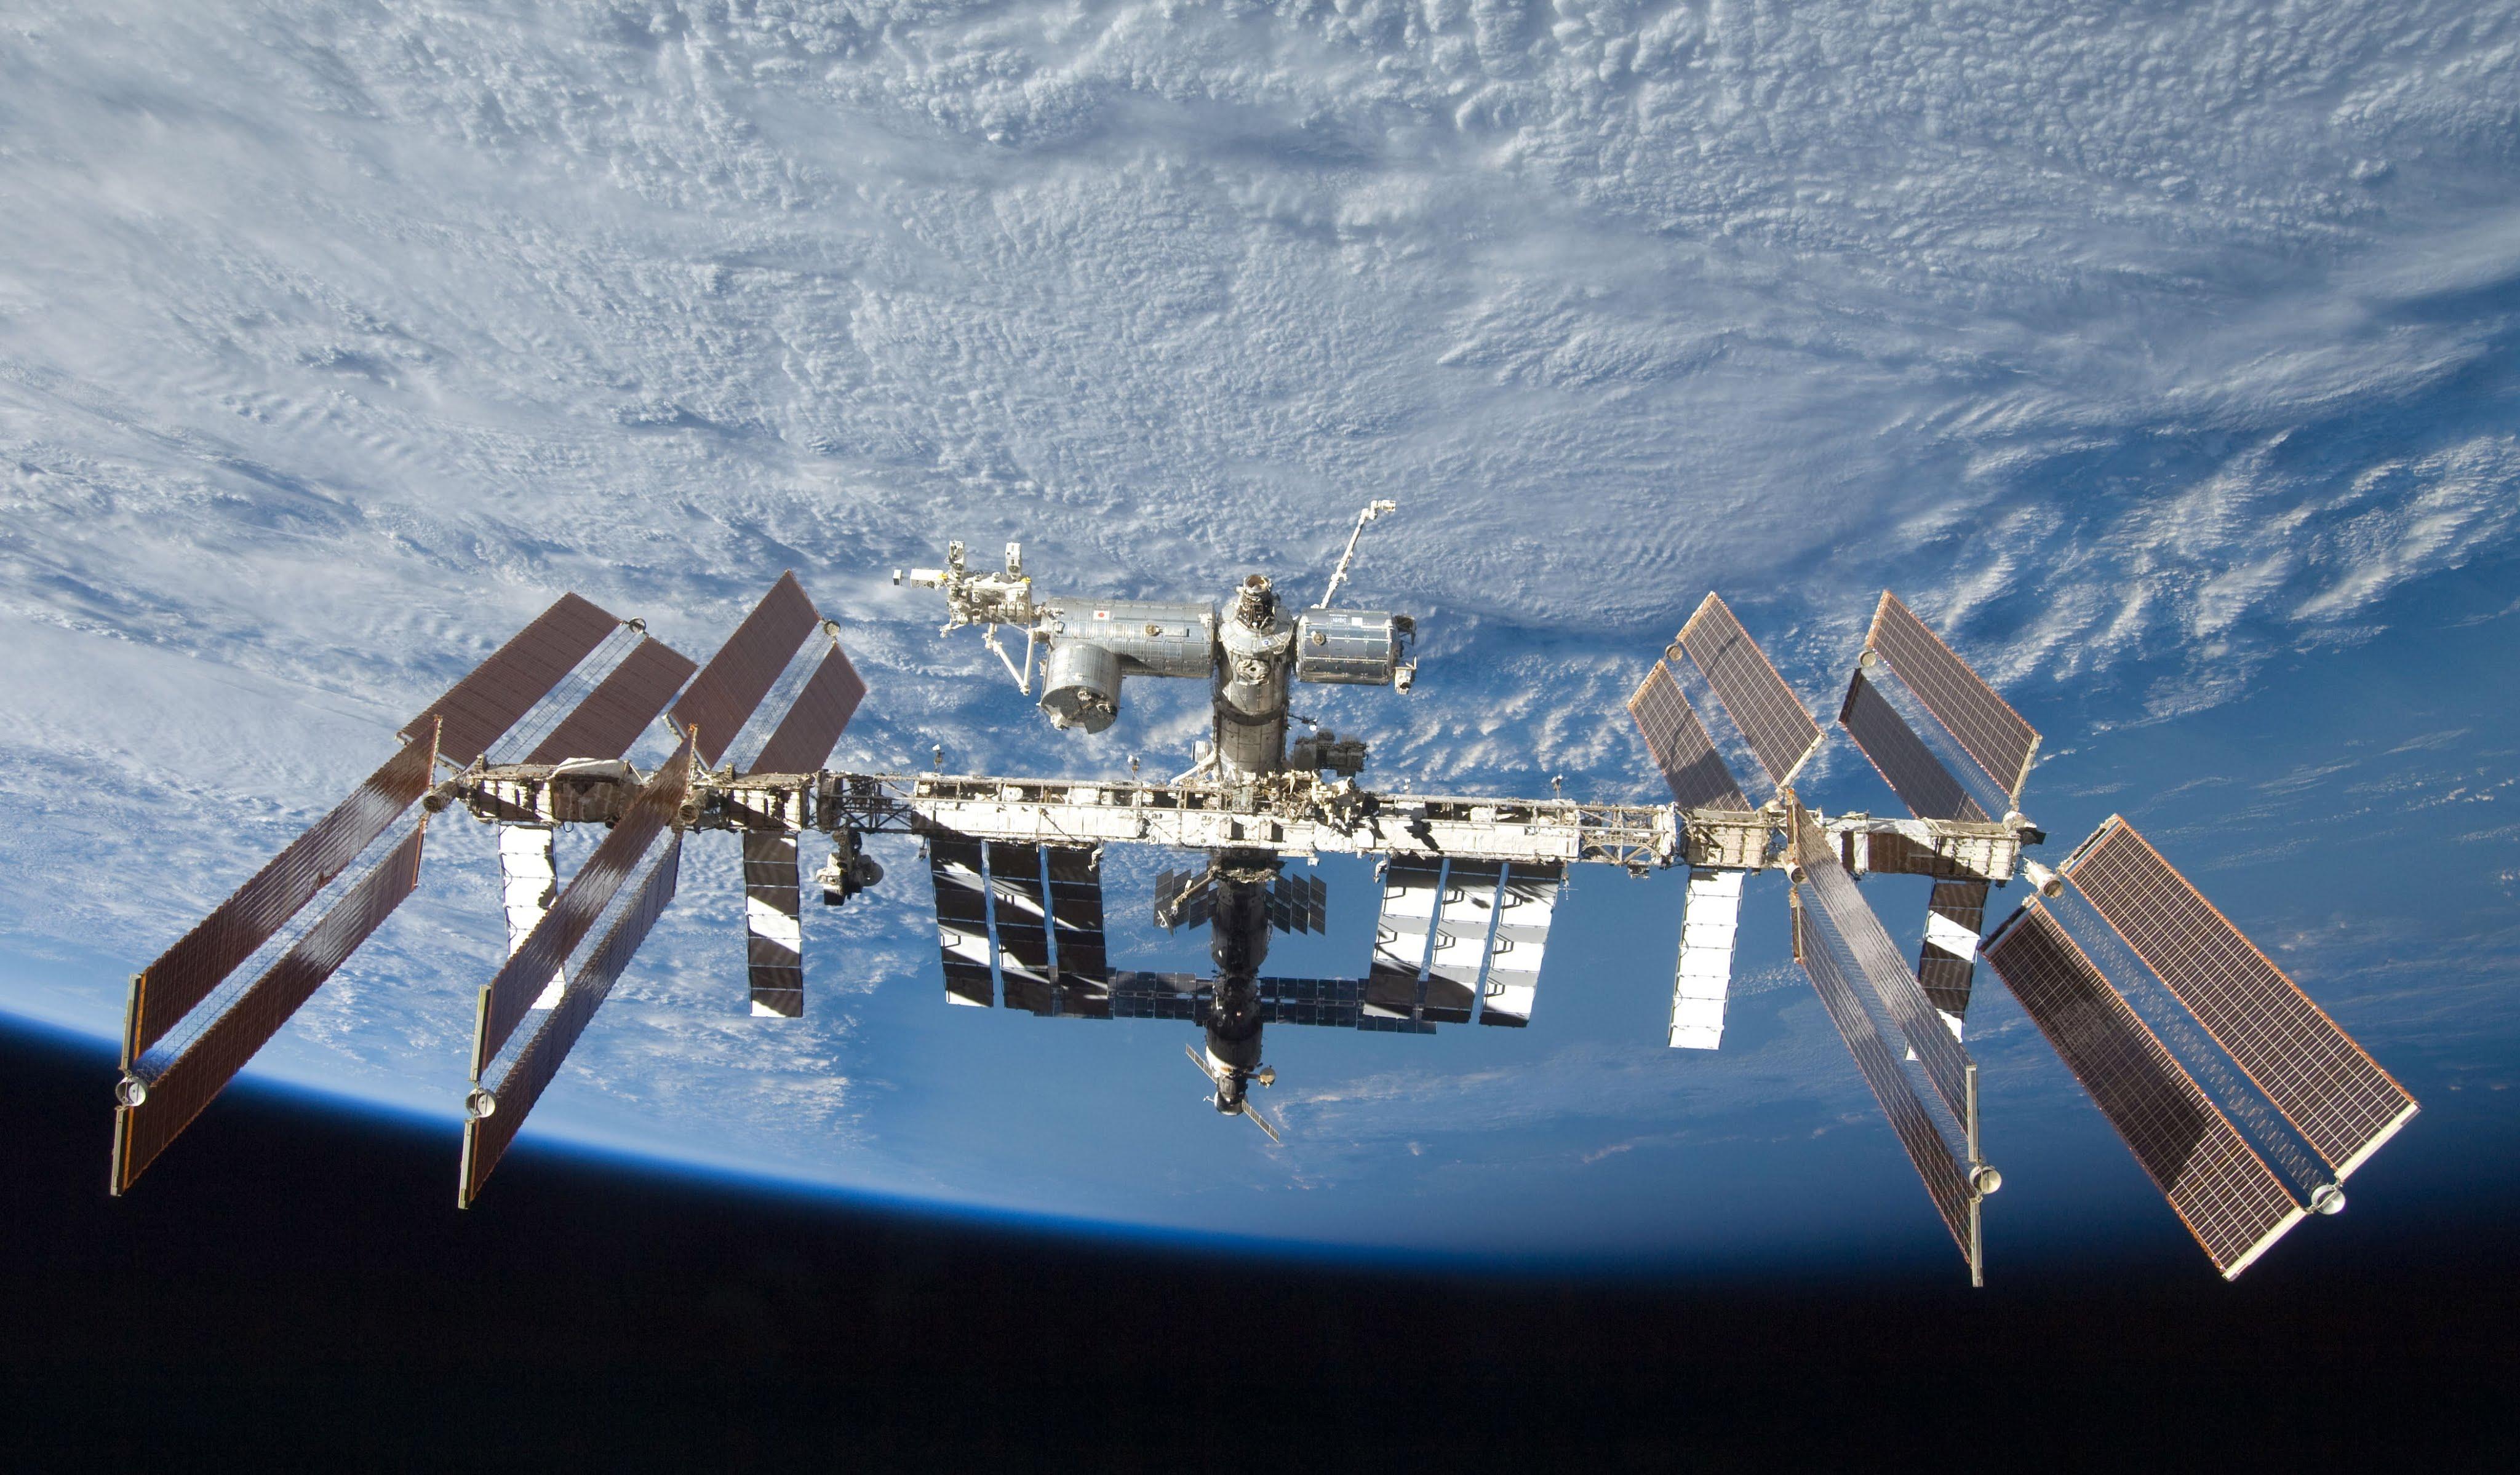 همان ایستگاه فضایی بینالمللی (ISS) - امروز